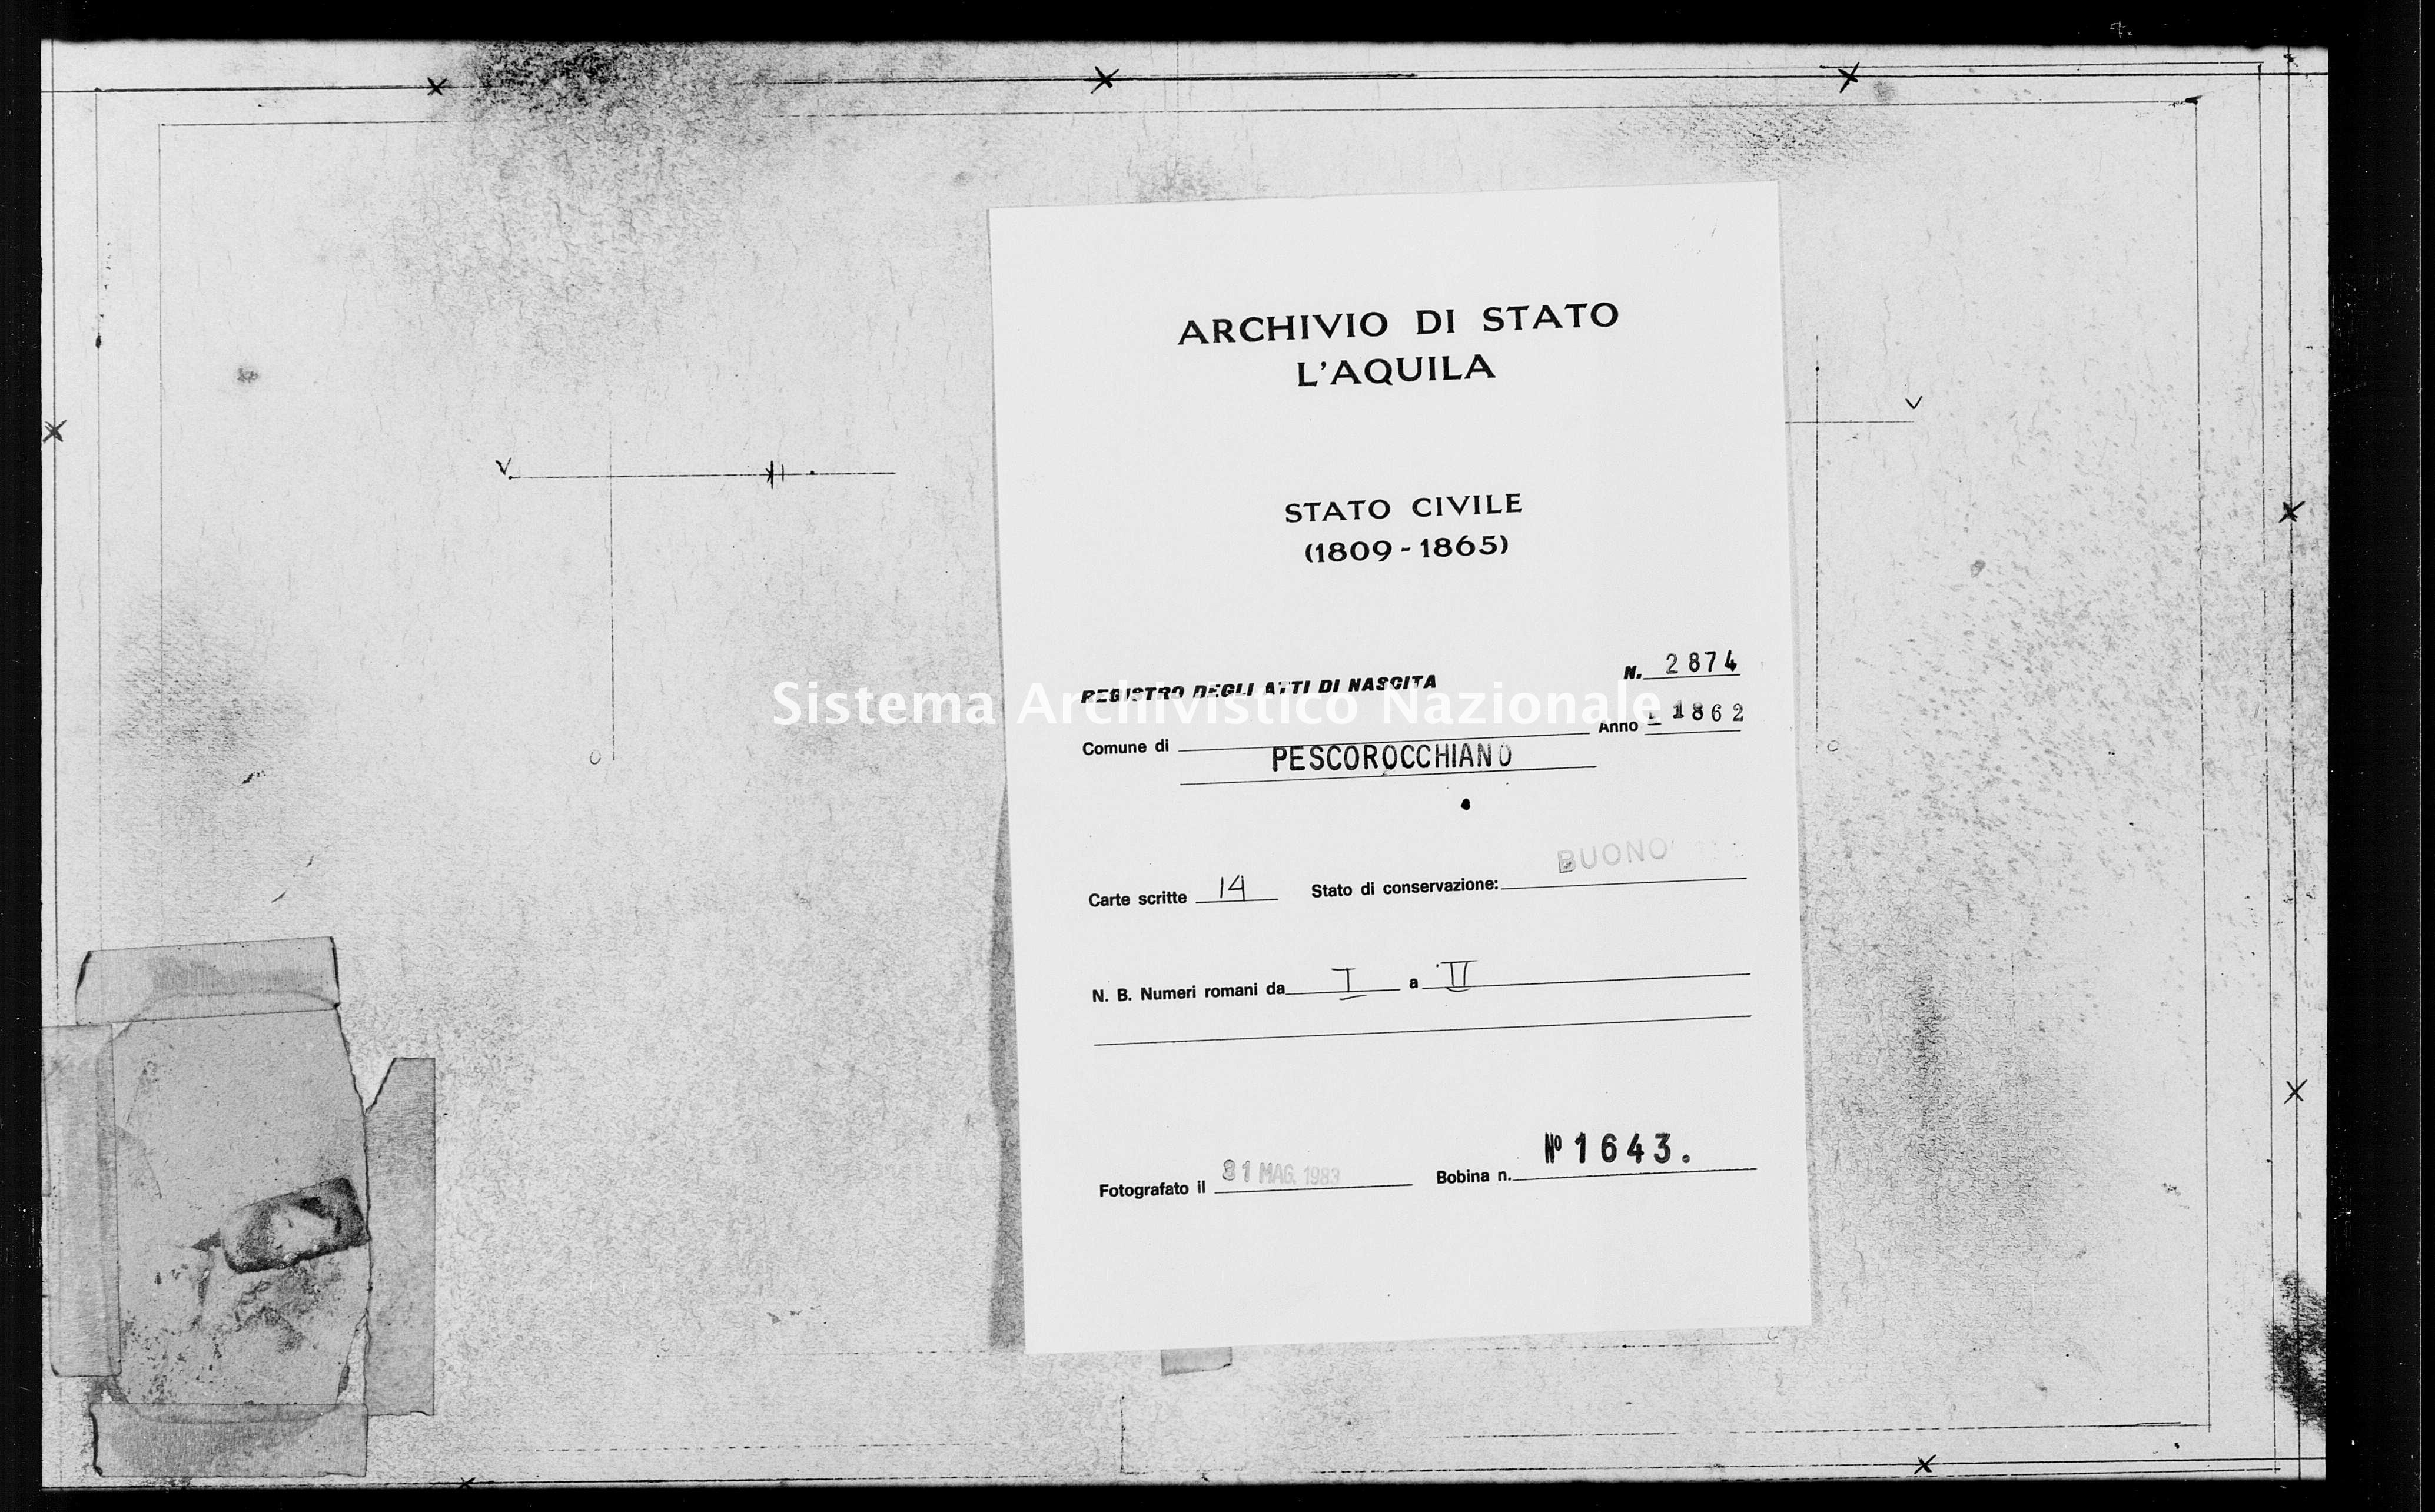 Archivio di stato di L'aquila - Stato civile italiano - Pescorocchiano - Nati - 1862 - 2874 -